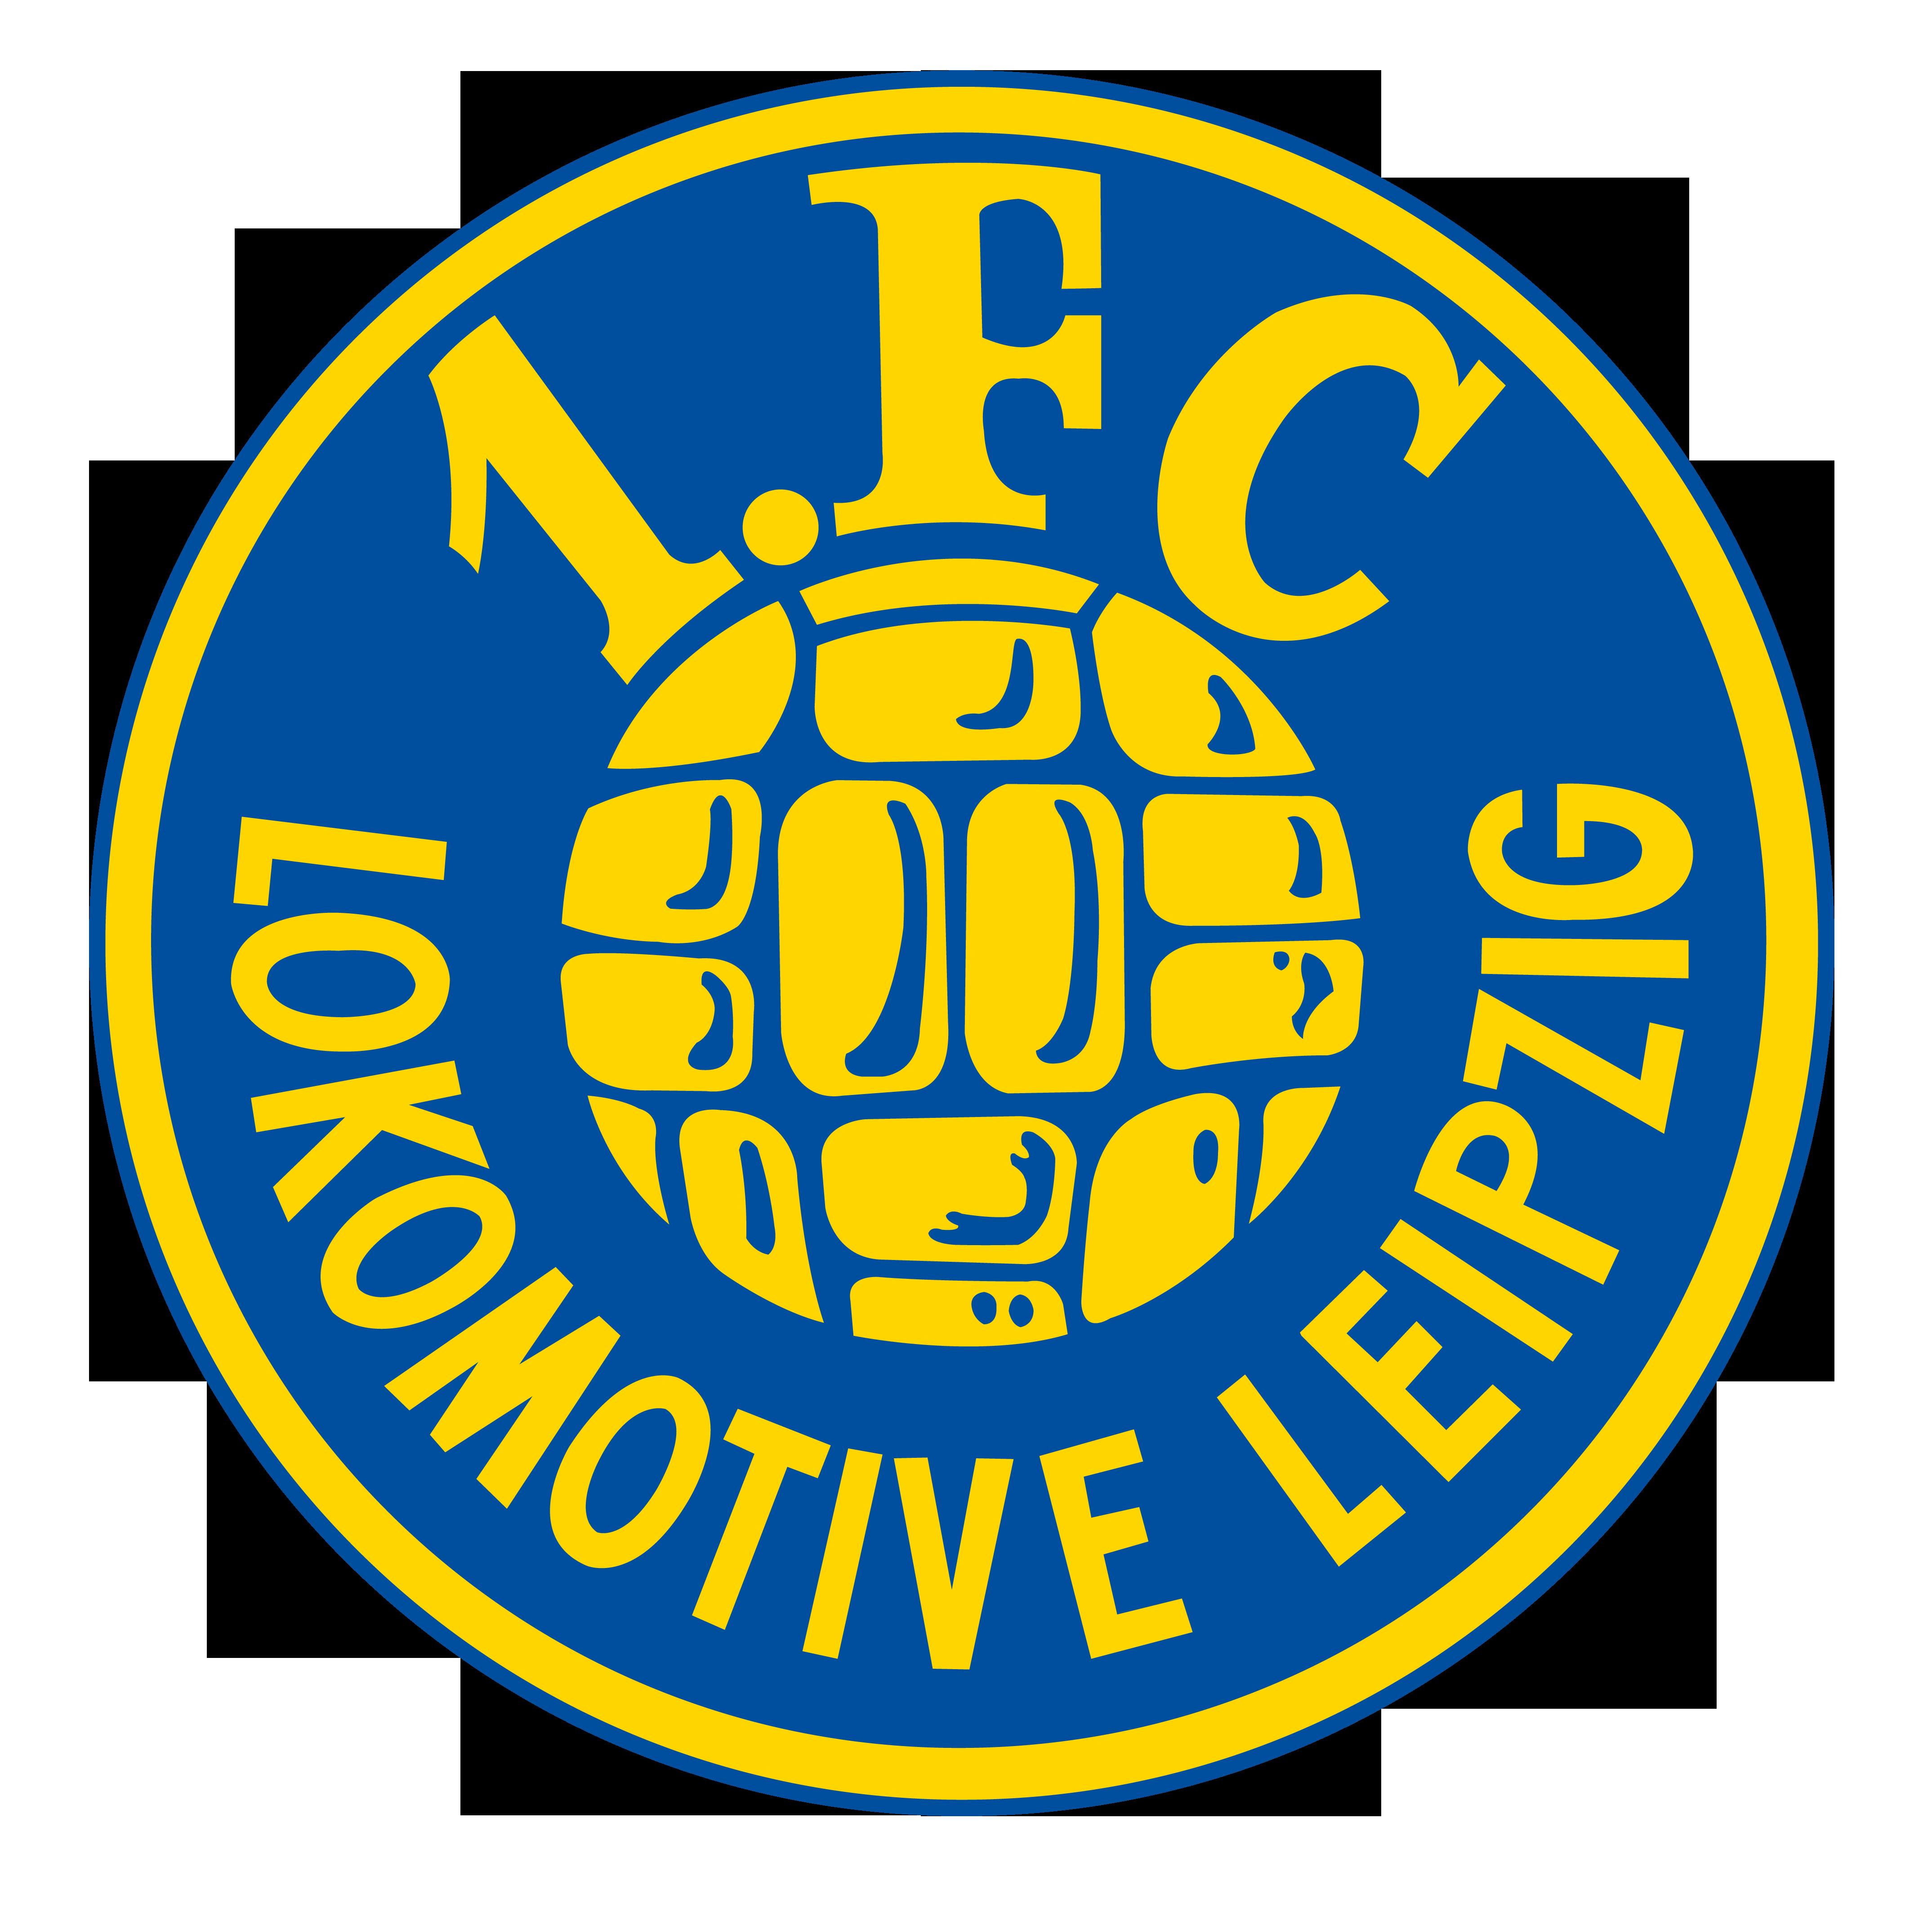 Nachwuchssponsor beim 1. FC LOK Leipzig e.V.